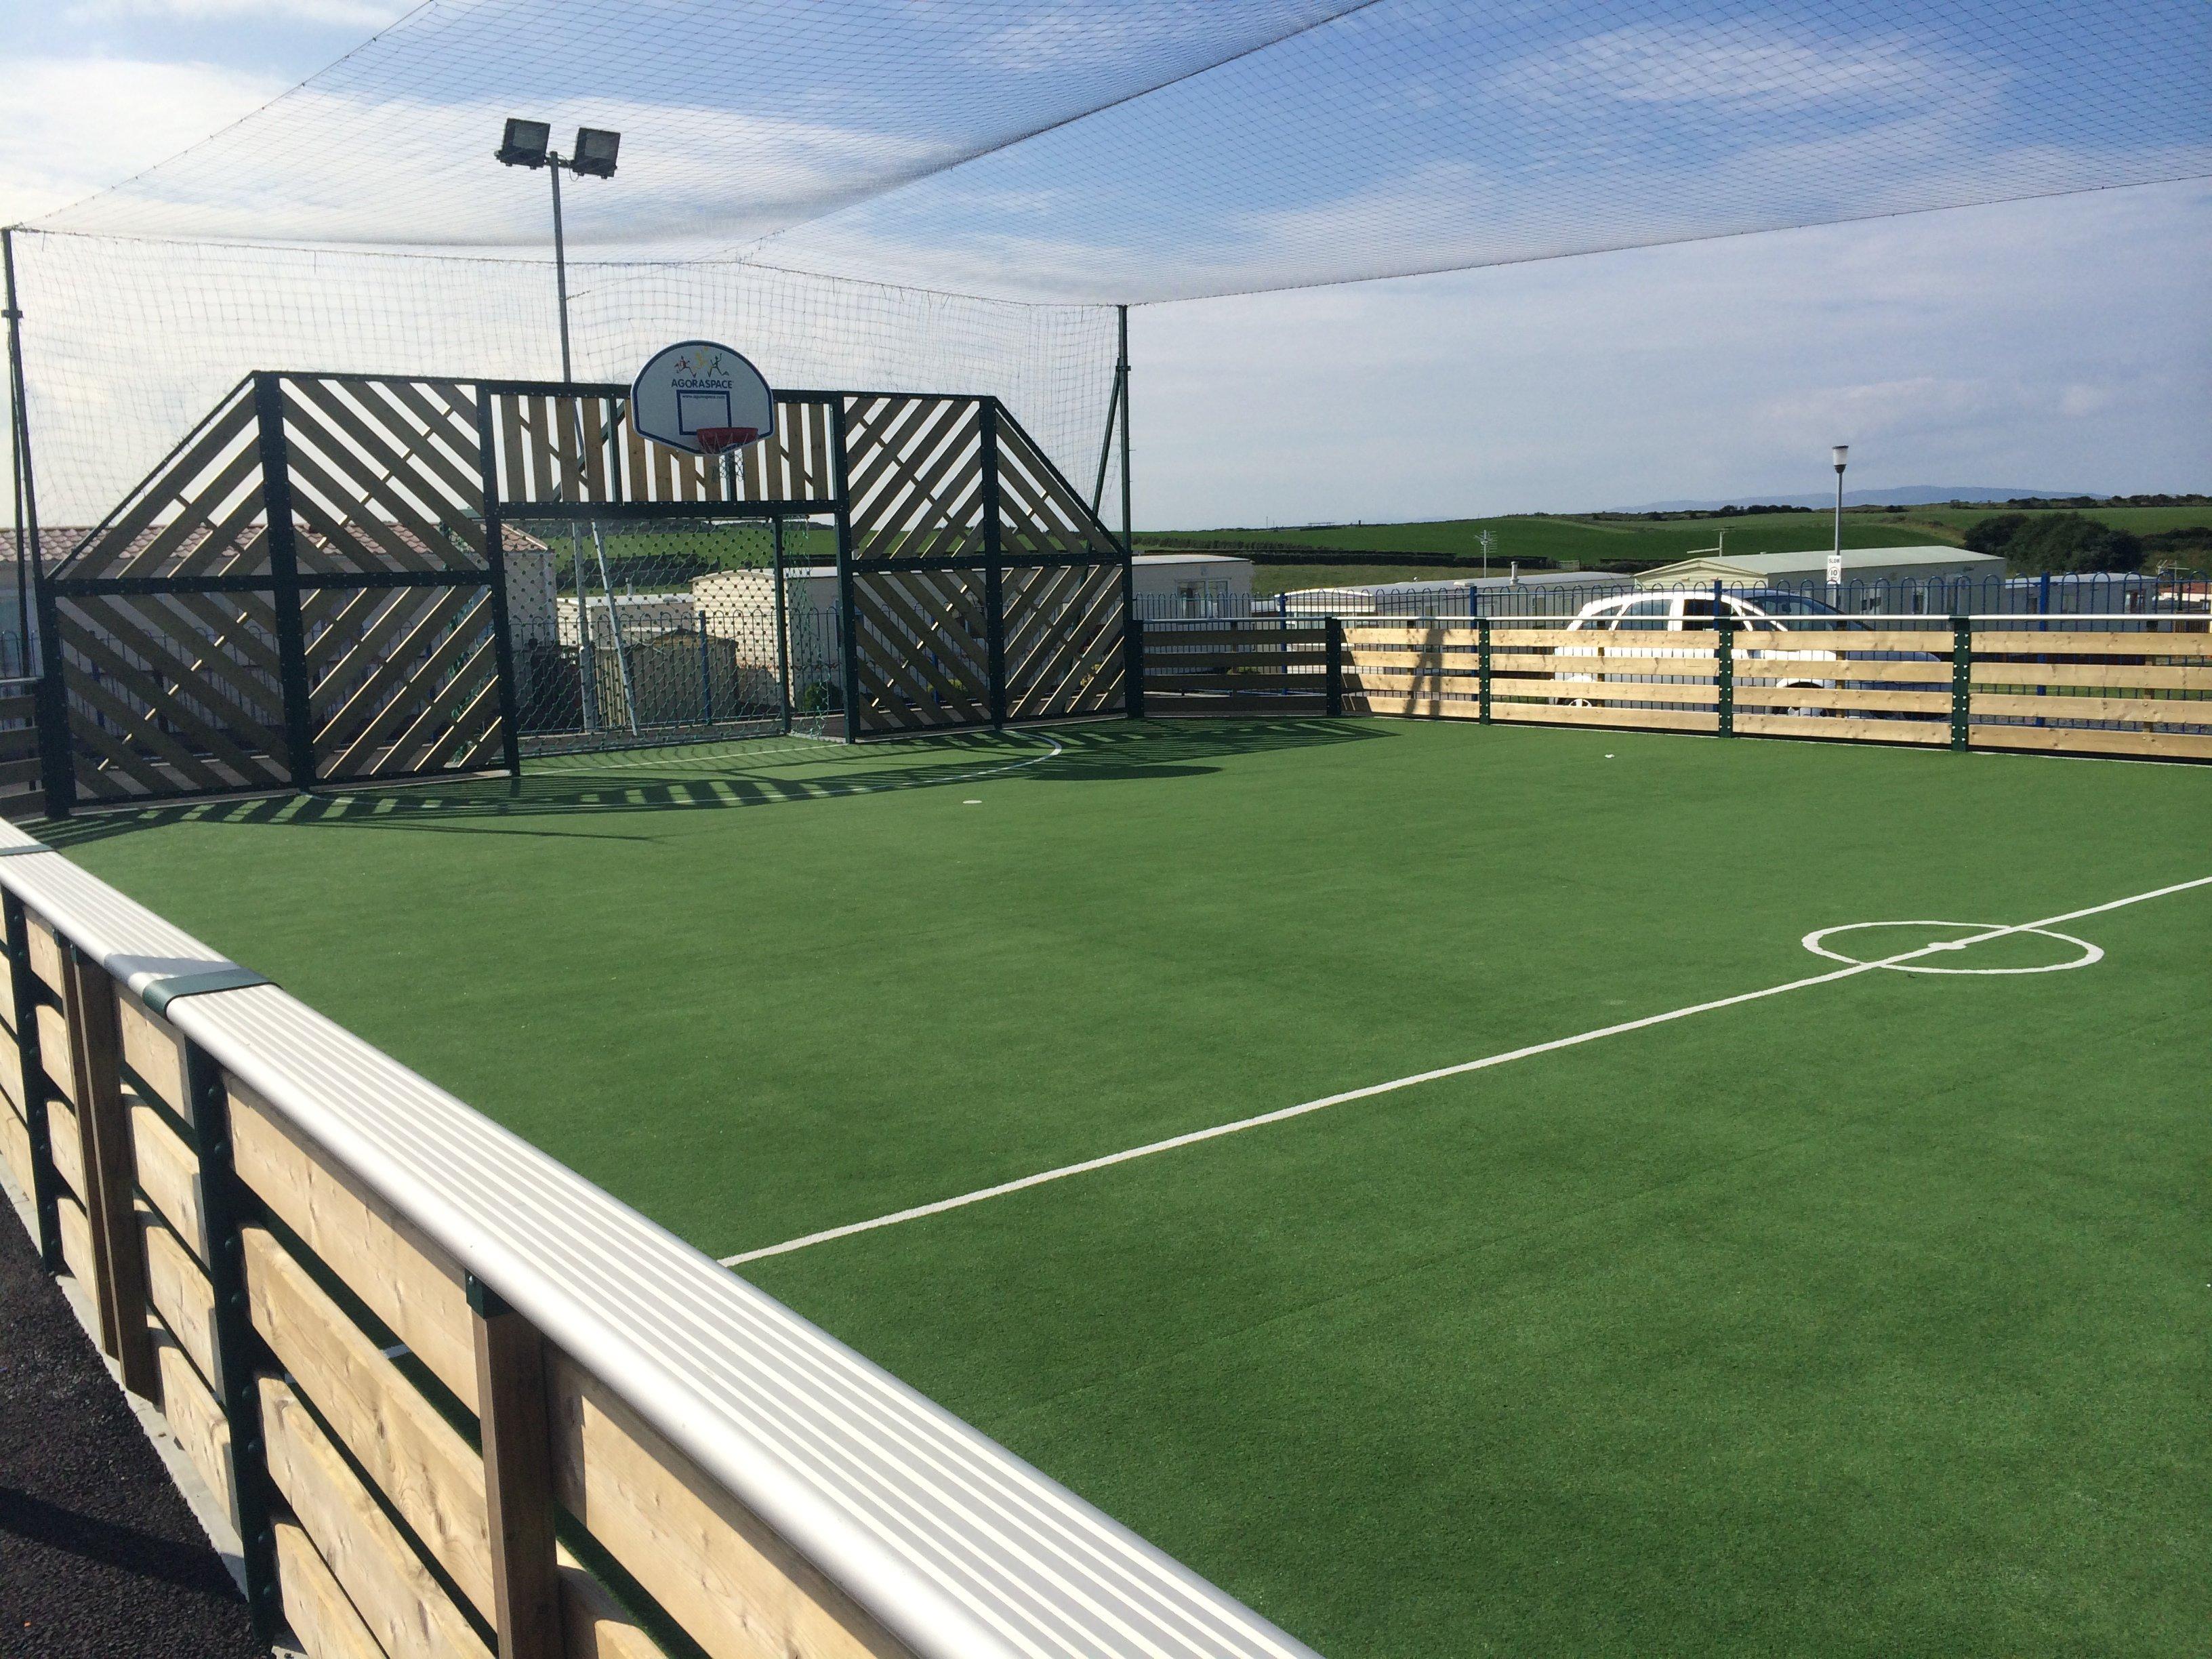 A green sports court